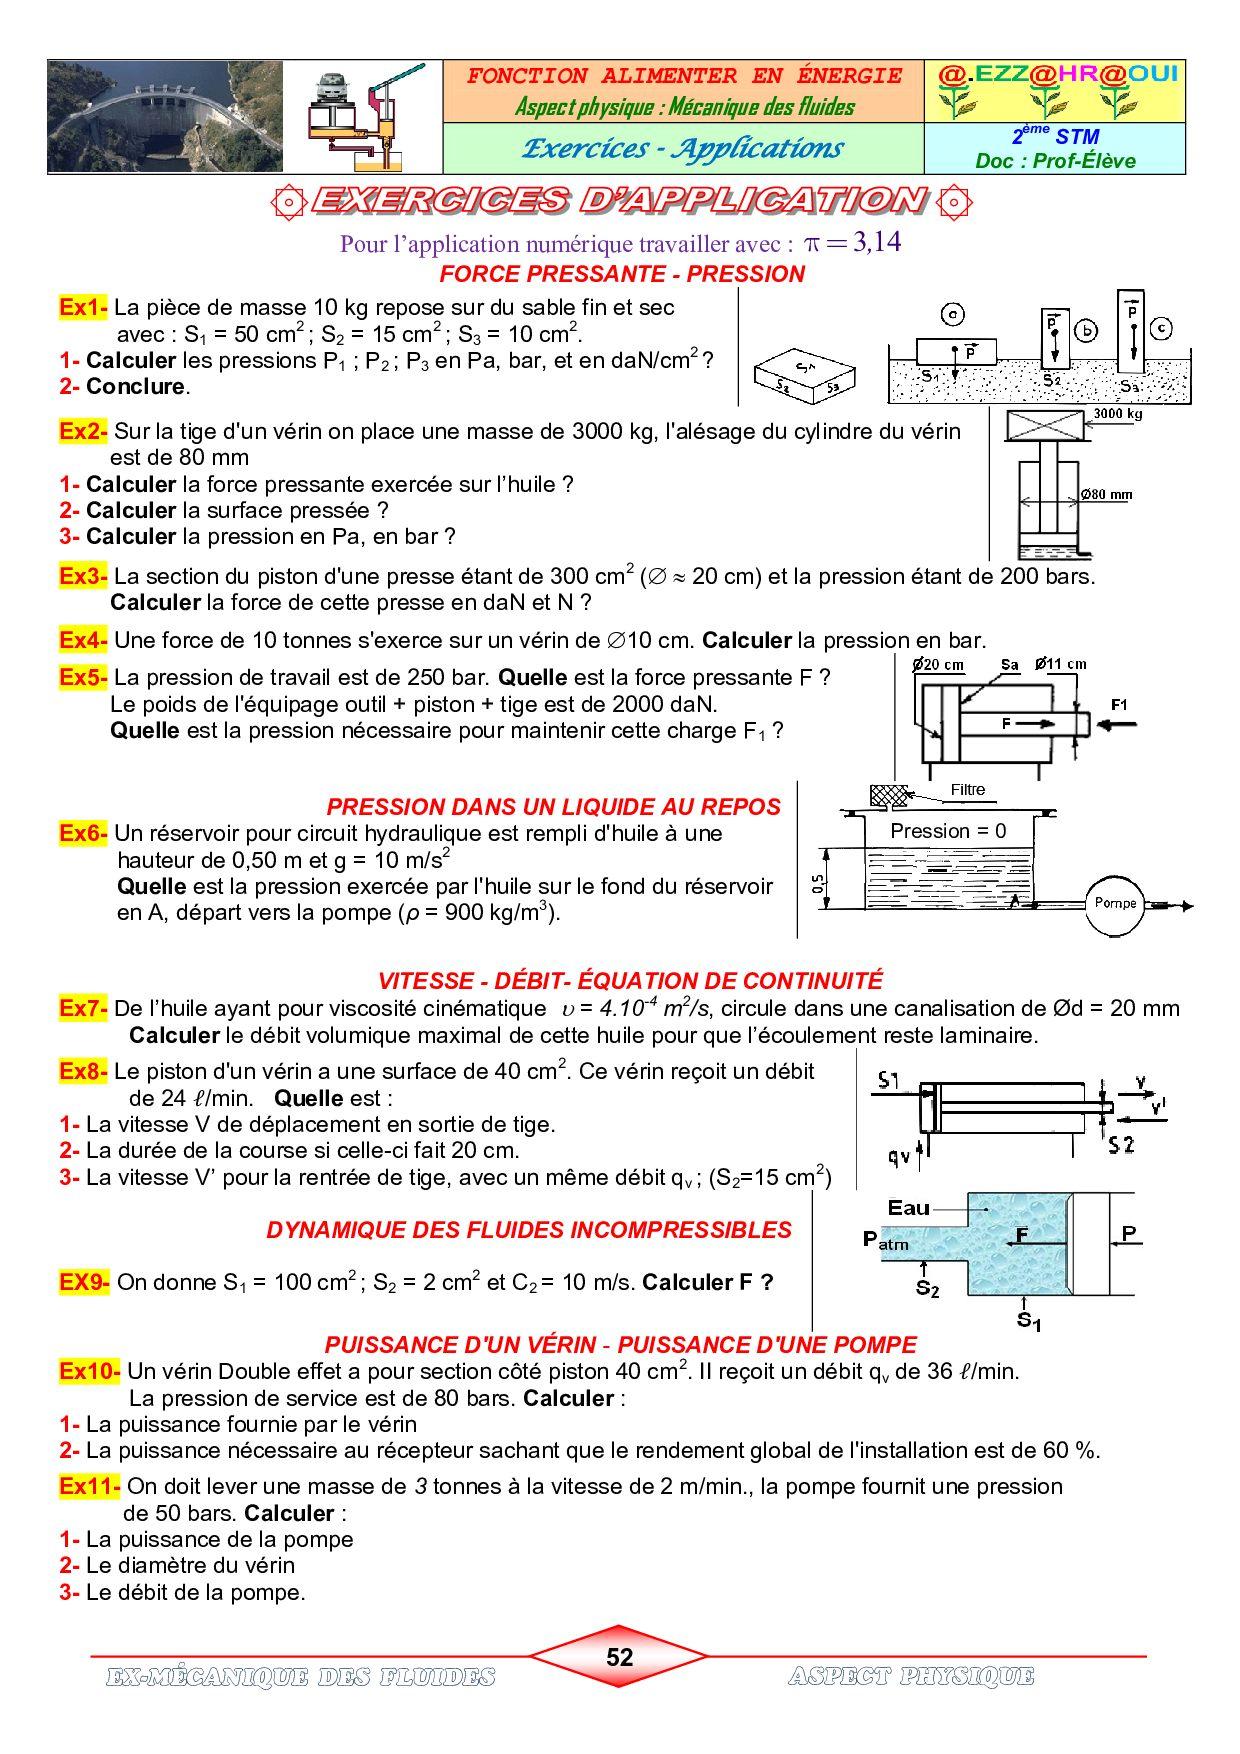 Mécanique des fluides - Exercices et applications - AlloSchool